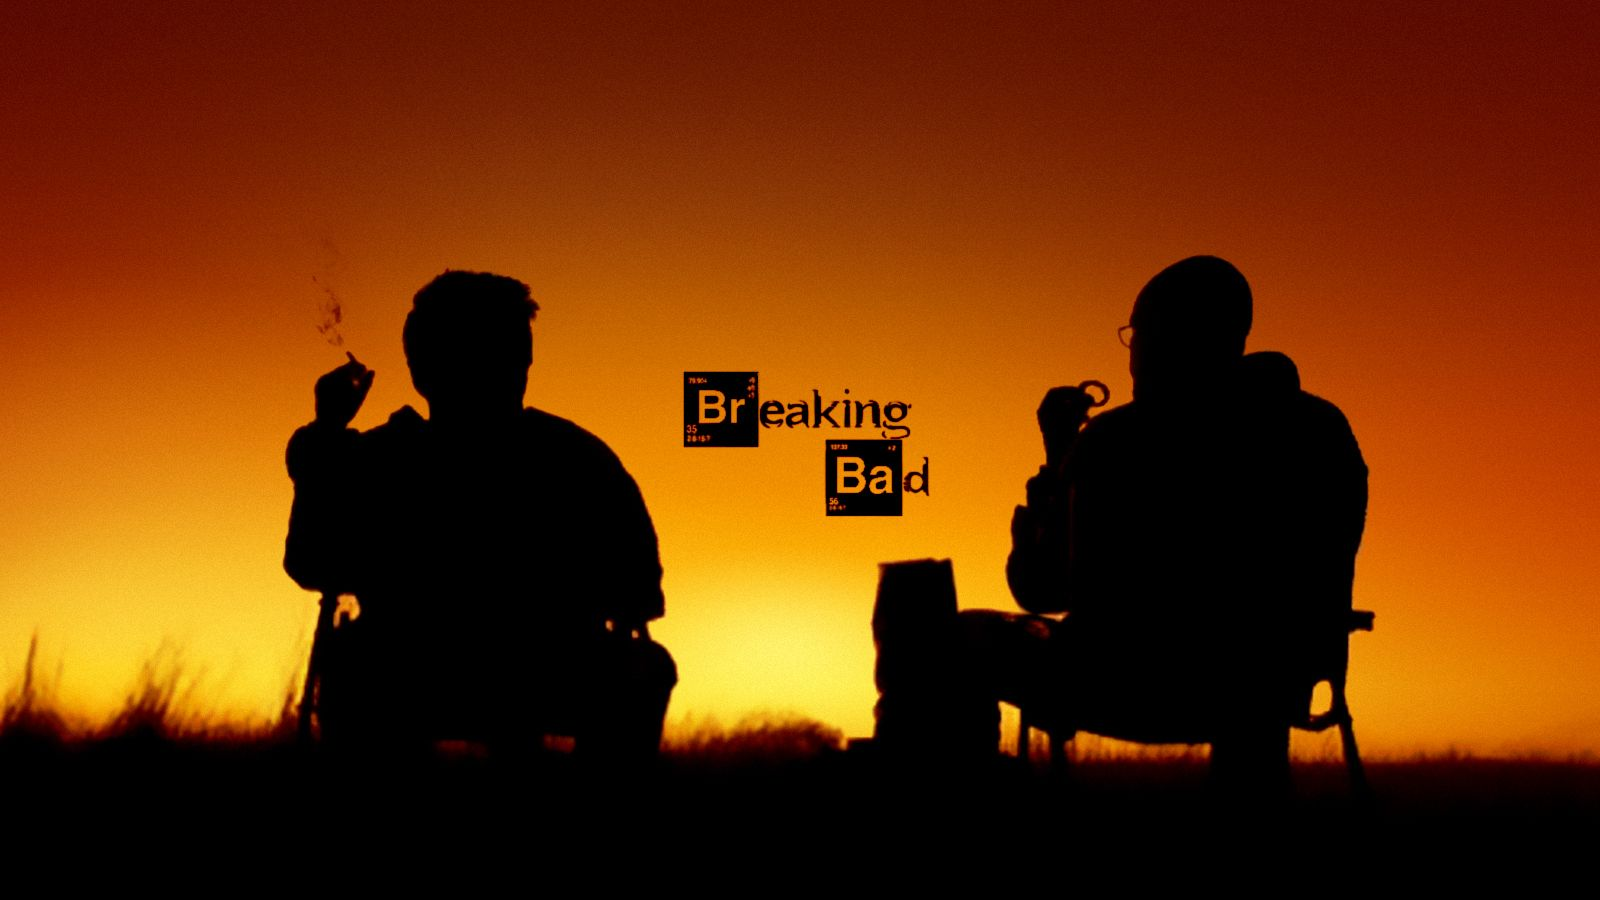 Breaking Bad Wallpapers 1080p ~ Sdeerwallpaper | Breaking bad in 2019 | Breaking Bad, Bad ...